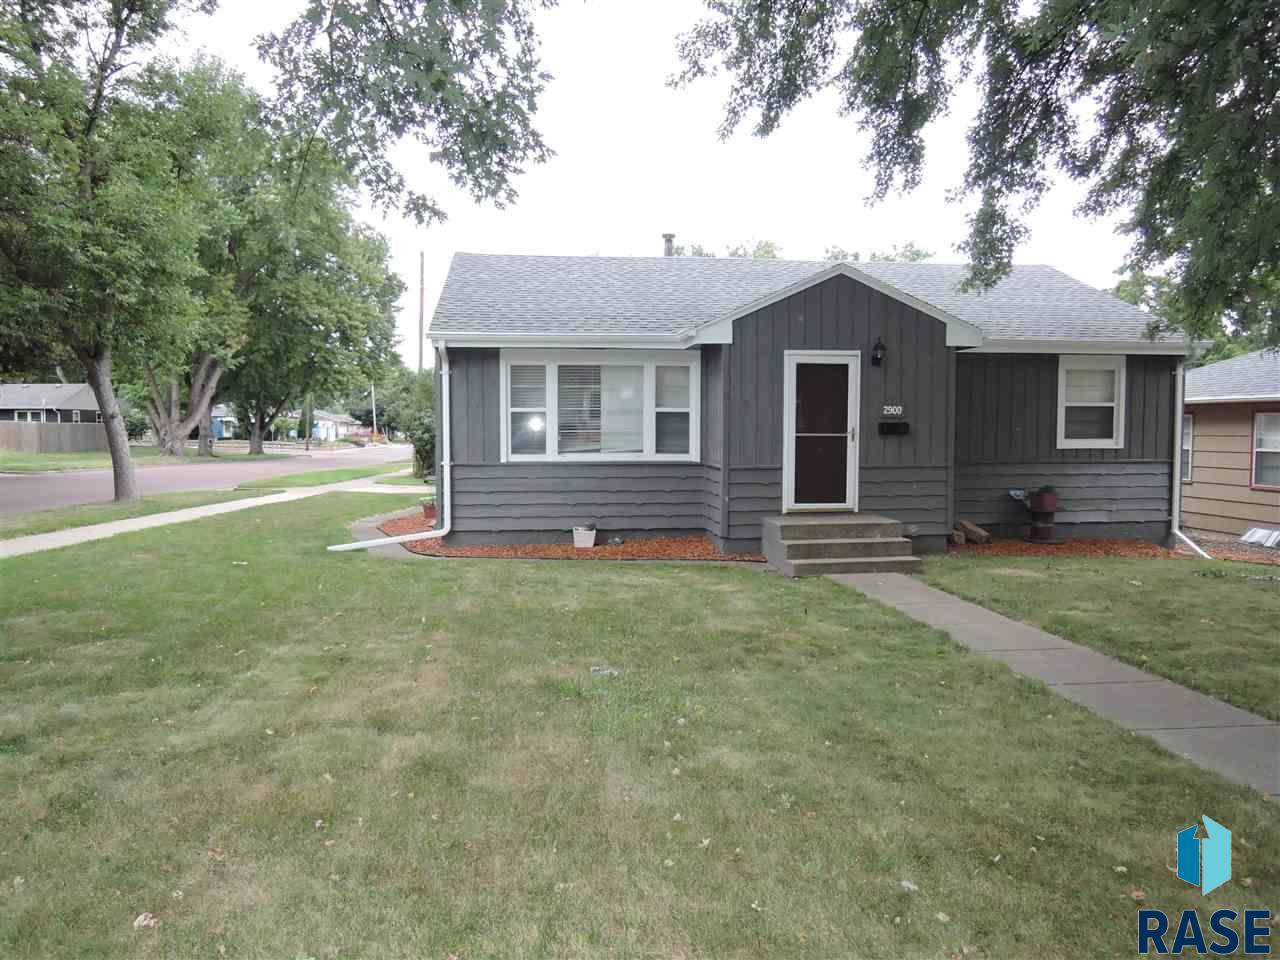 2900 S Prairie Ave, Sioux Falls, SD 57105